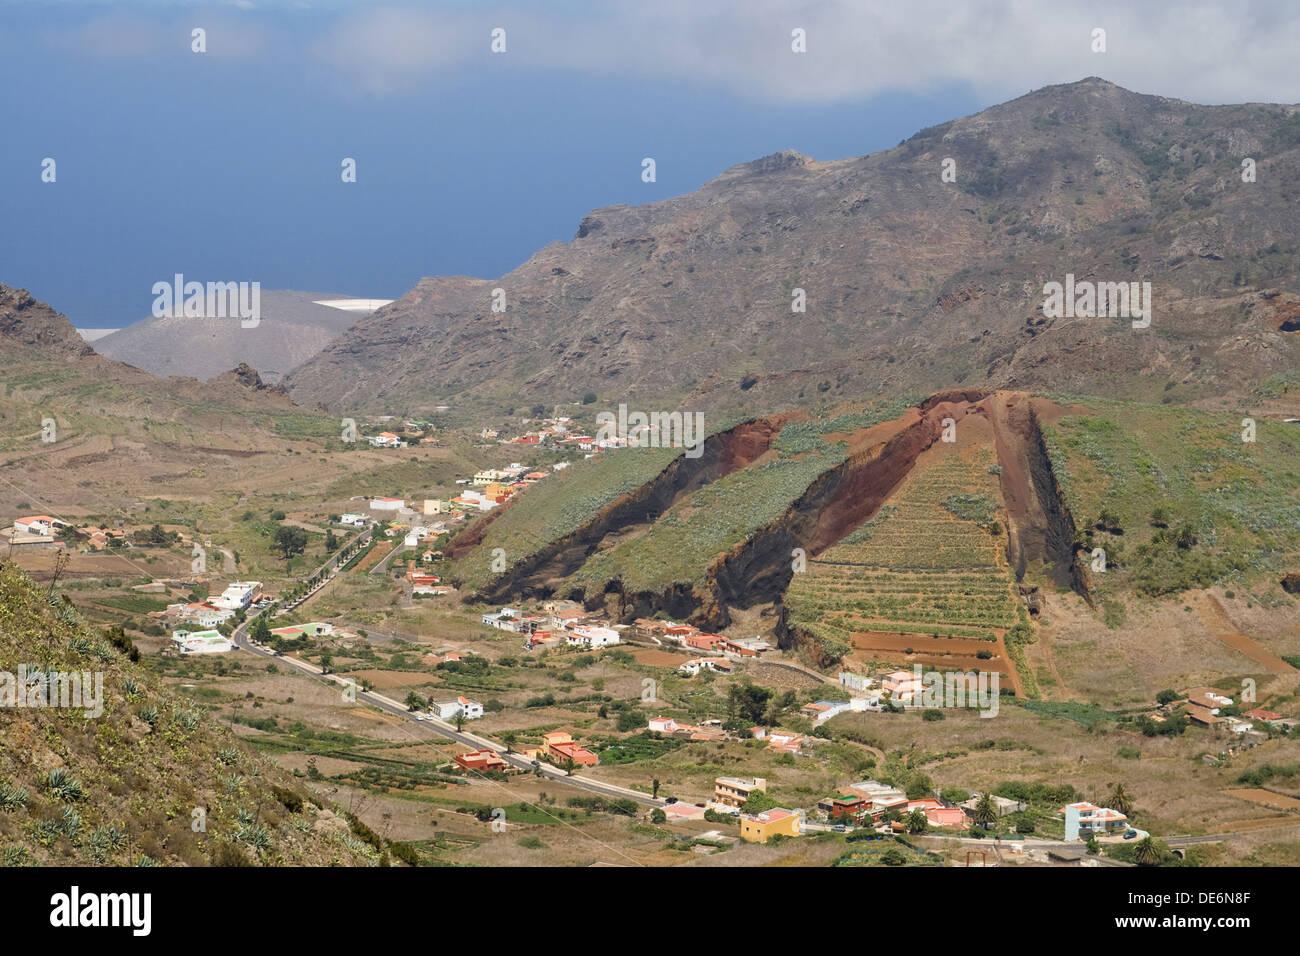 Tal von El Palmar im Teno-Gebirge, Teneriffa, Kanarische Inseln. Stockbild